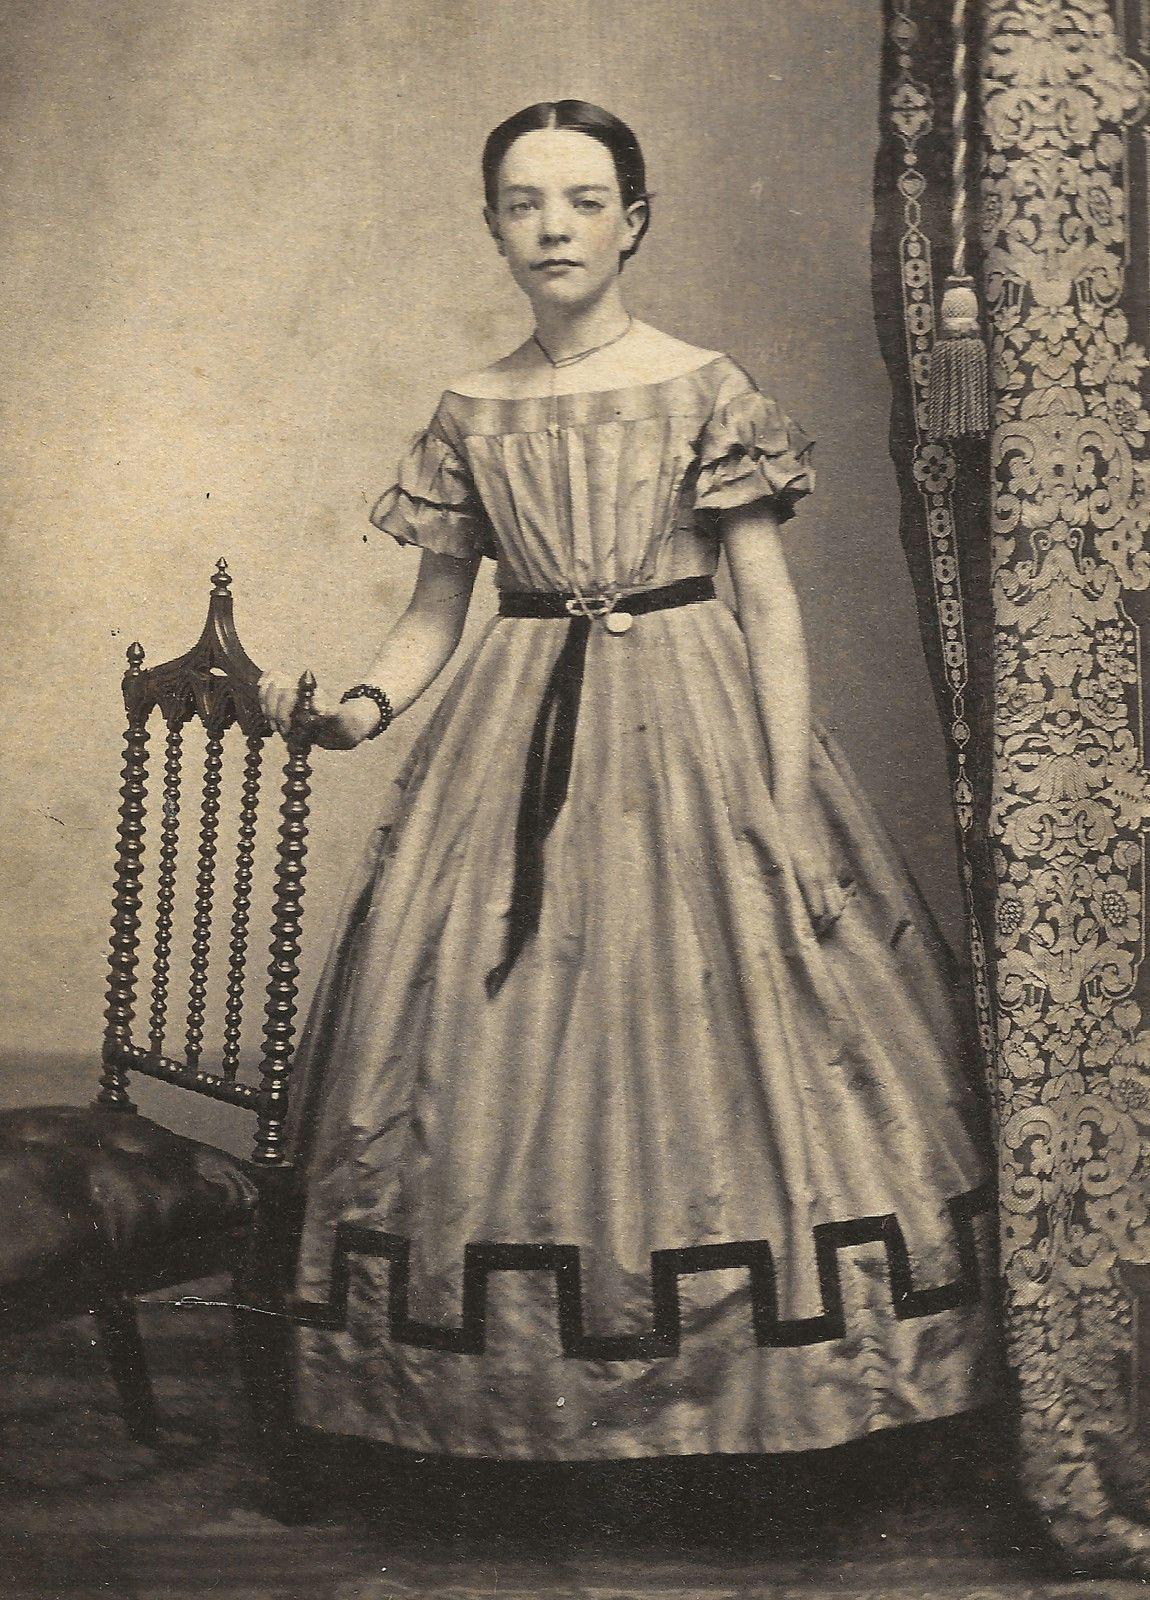 Lewistown pa teen girl